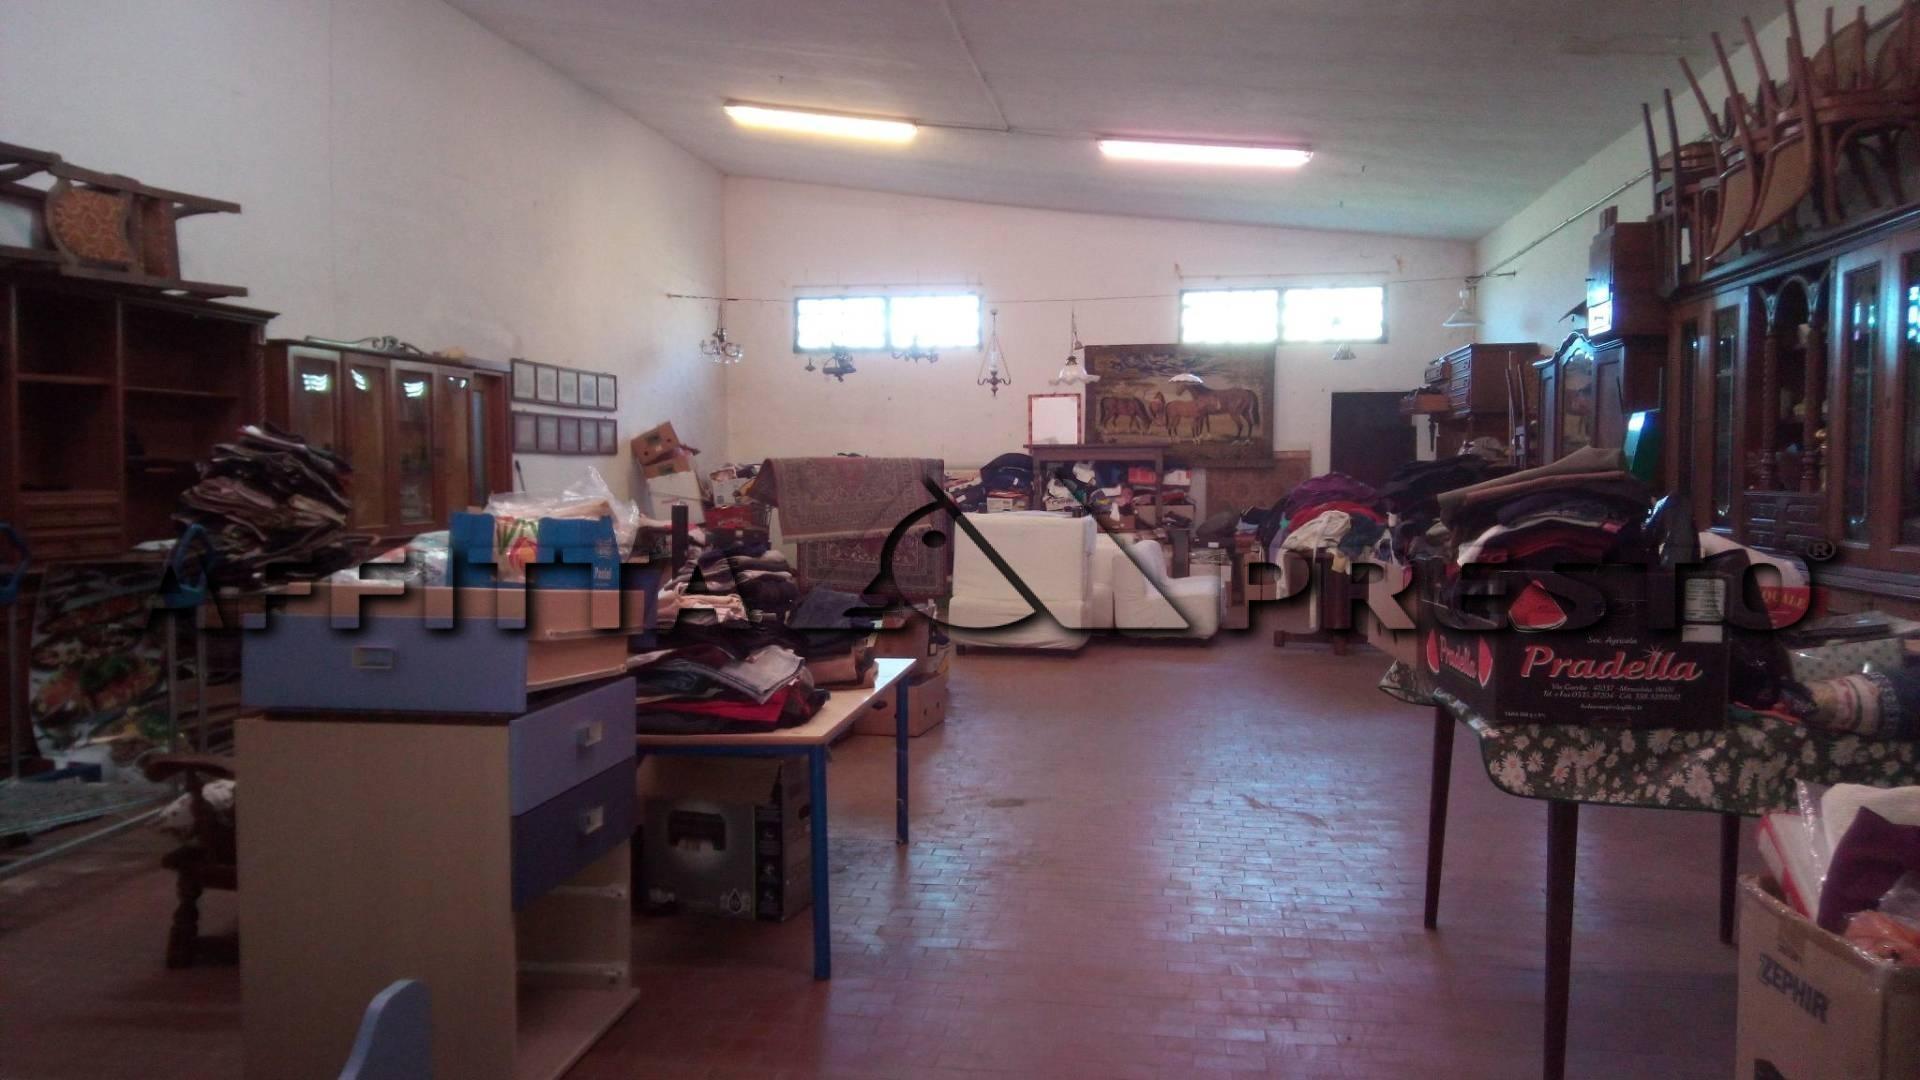 Attività commerciale in affitto a Casciana Terme Lari (PI)